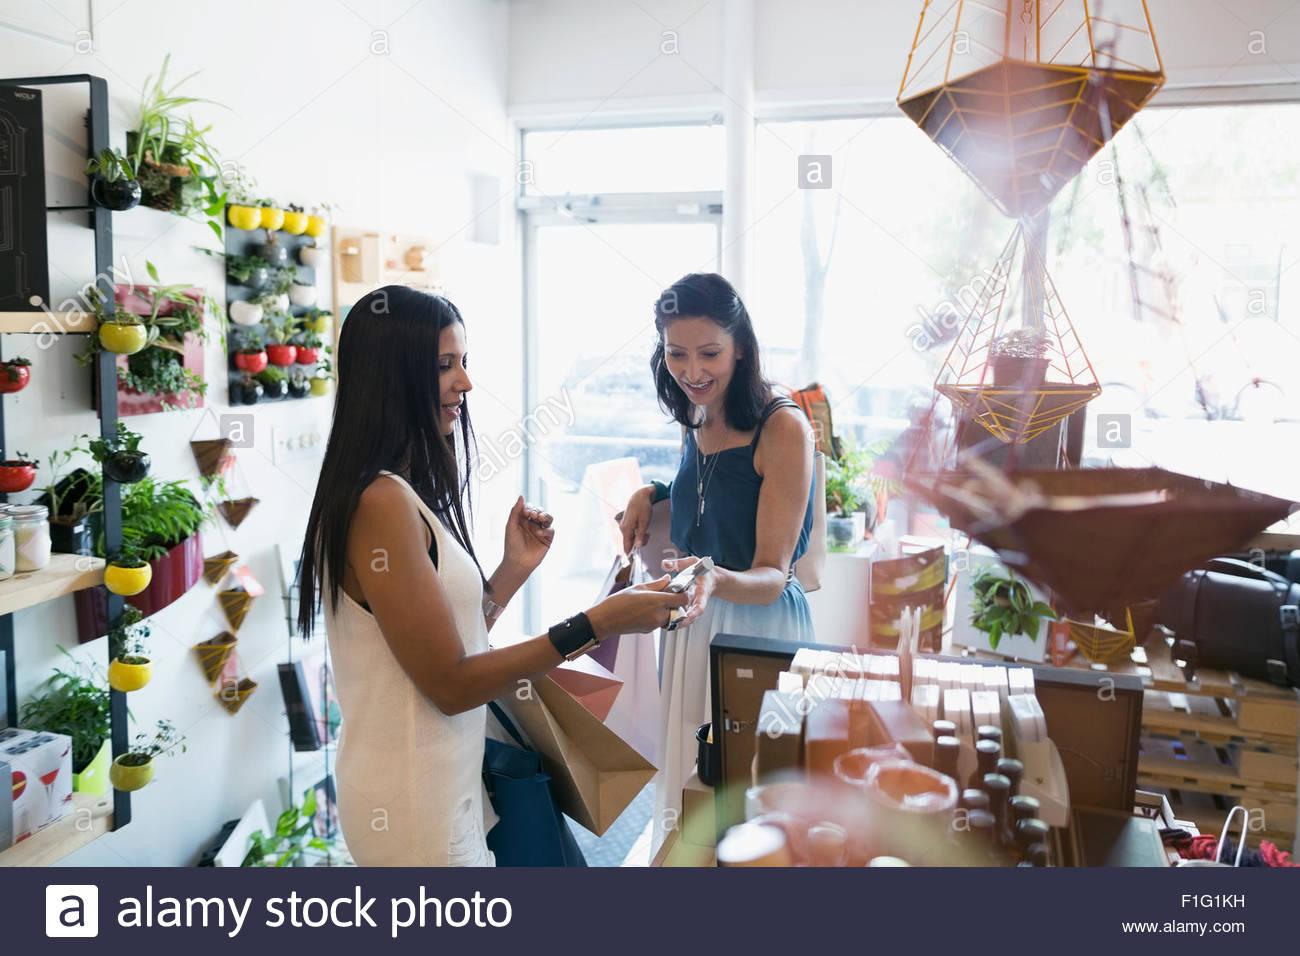 Mulheres de compras na loja de utensílios domésticos Imagens de Stock